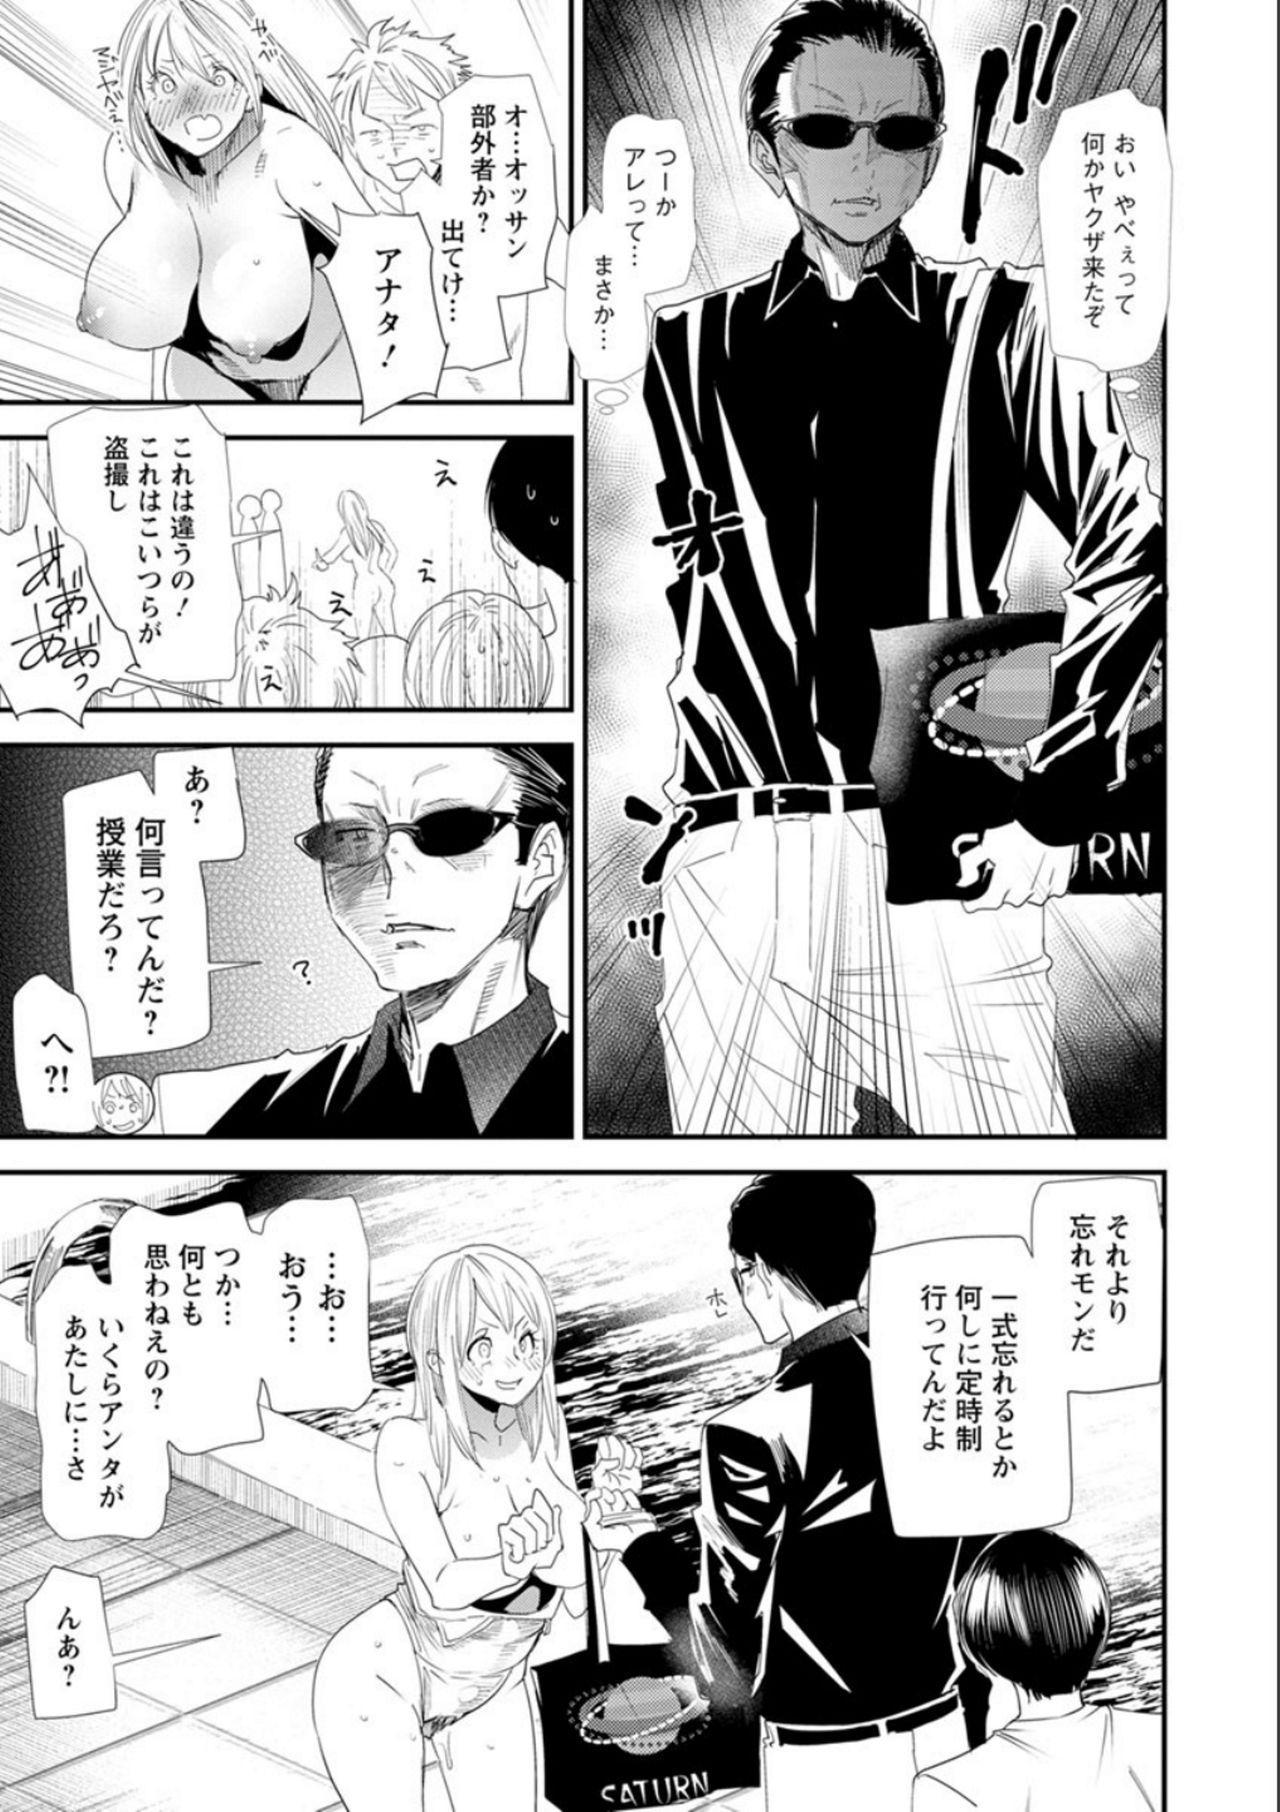 Nao's Secret 129